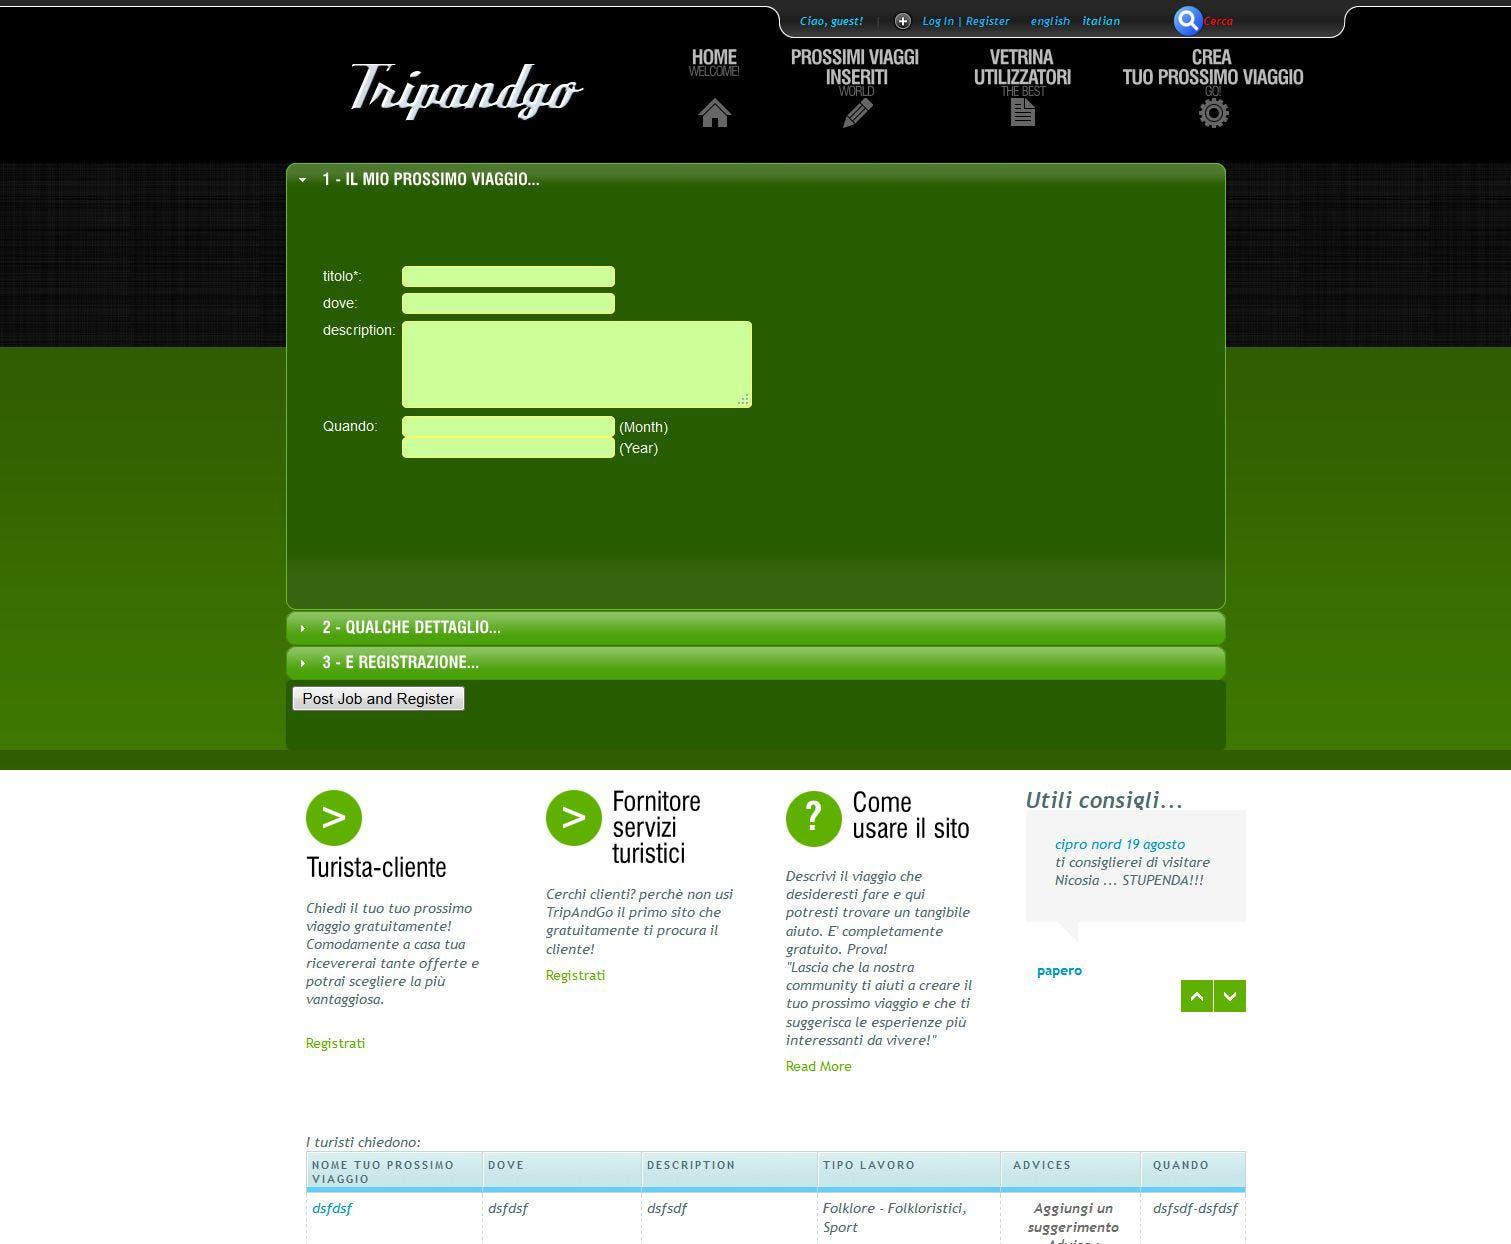 tripandgo.com